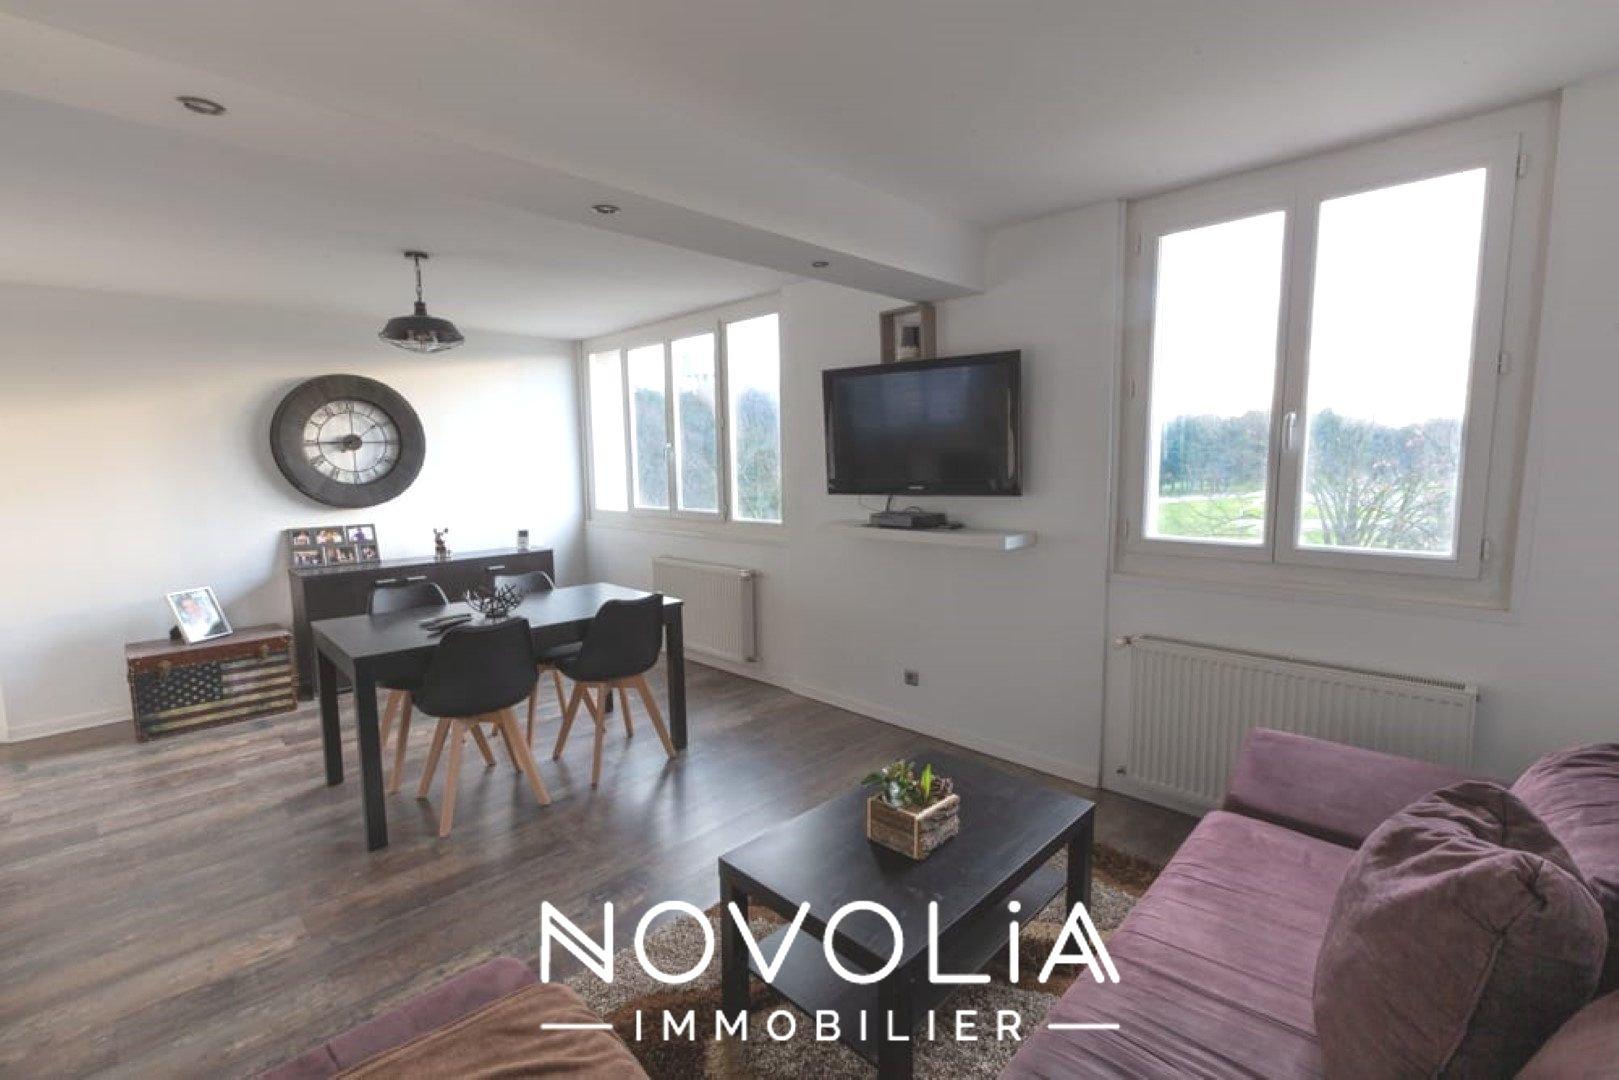 Achat Appartement Surface de 64.07 m²/ Total carrez : 64.07 m², 3 pièces, Vénissieux (69200)